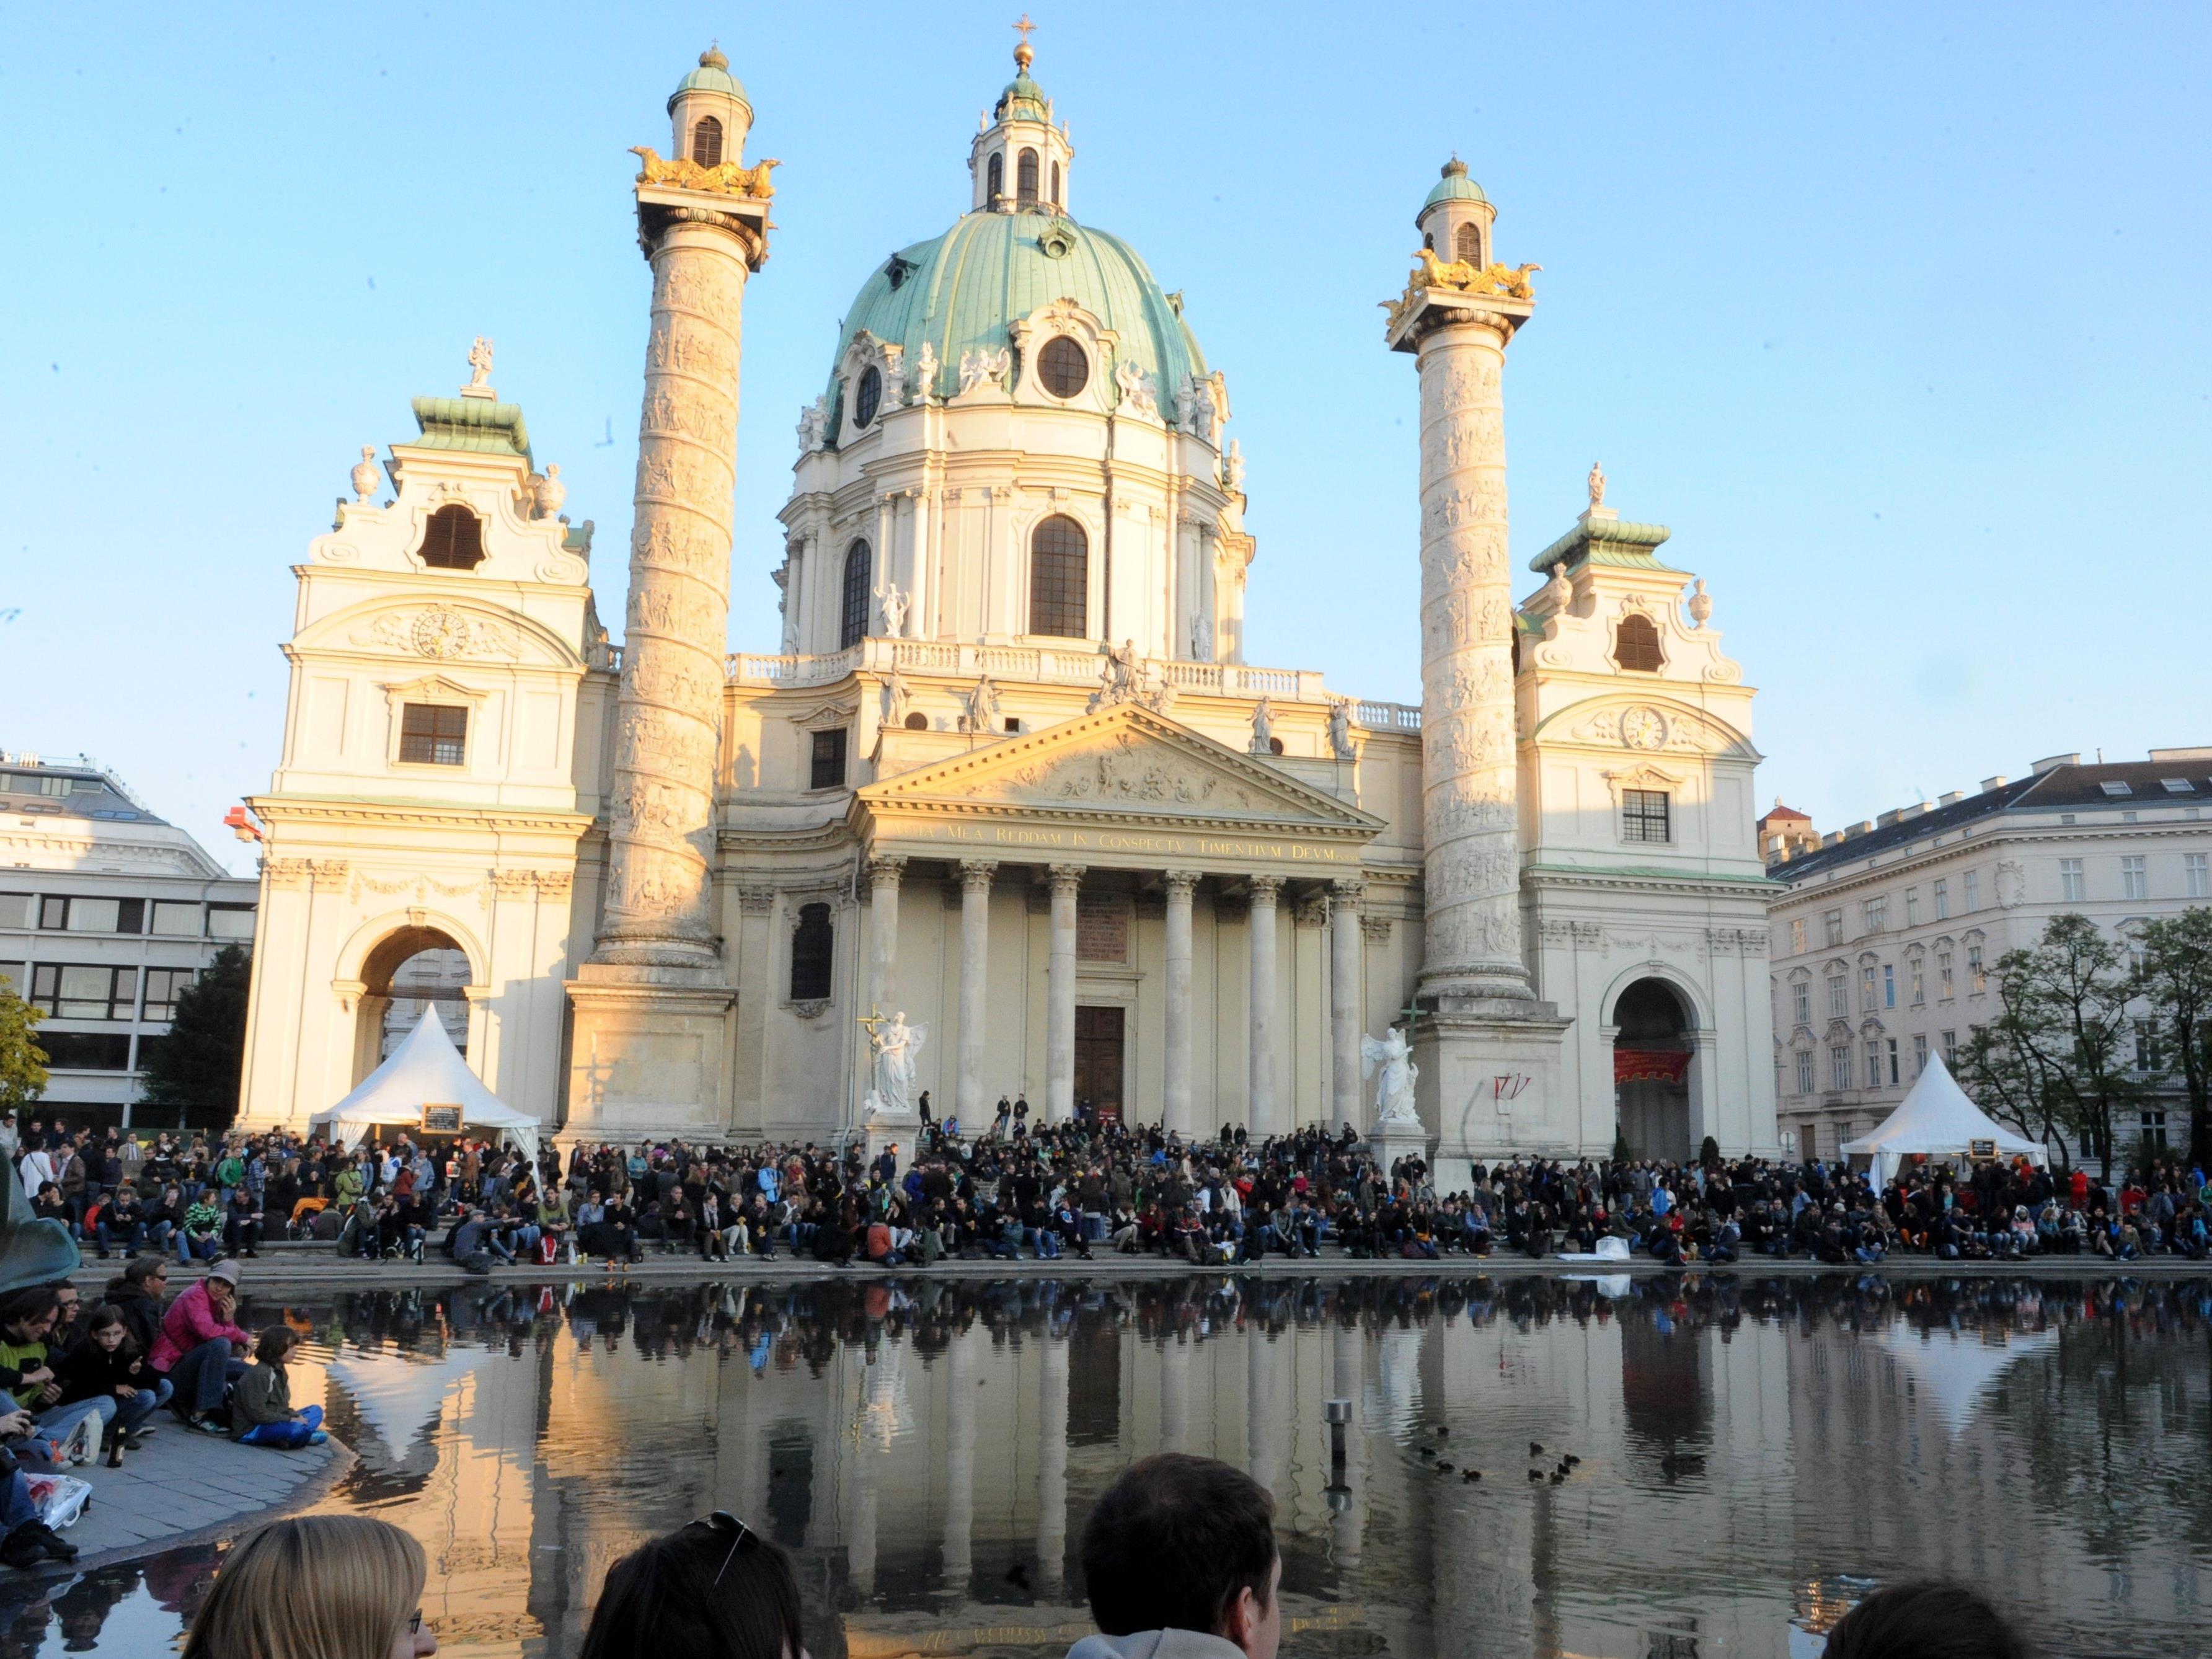 Das Vienna Humanities Festival wird im Herbst rund um den Karlsplatz stattfinden